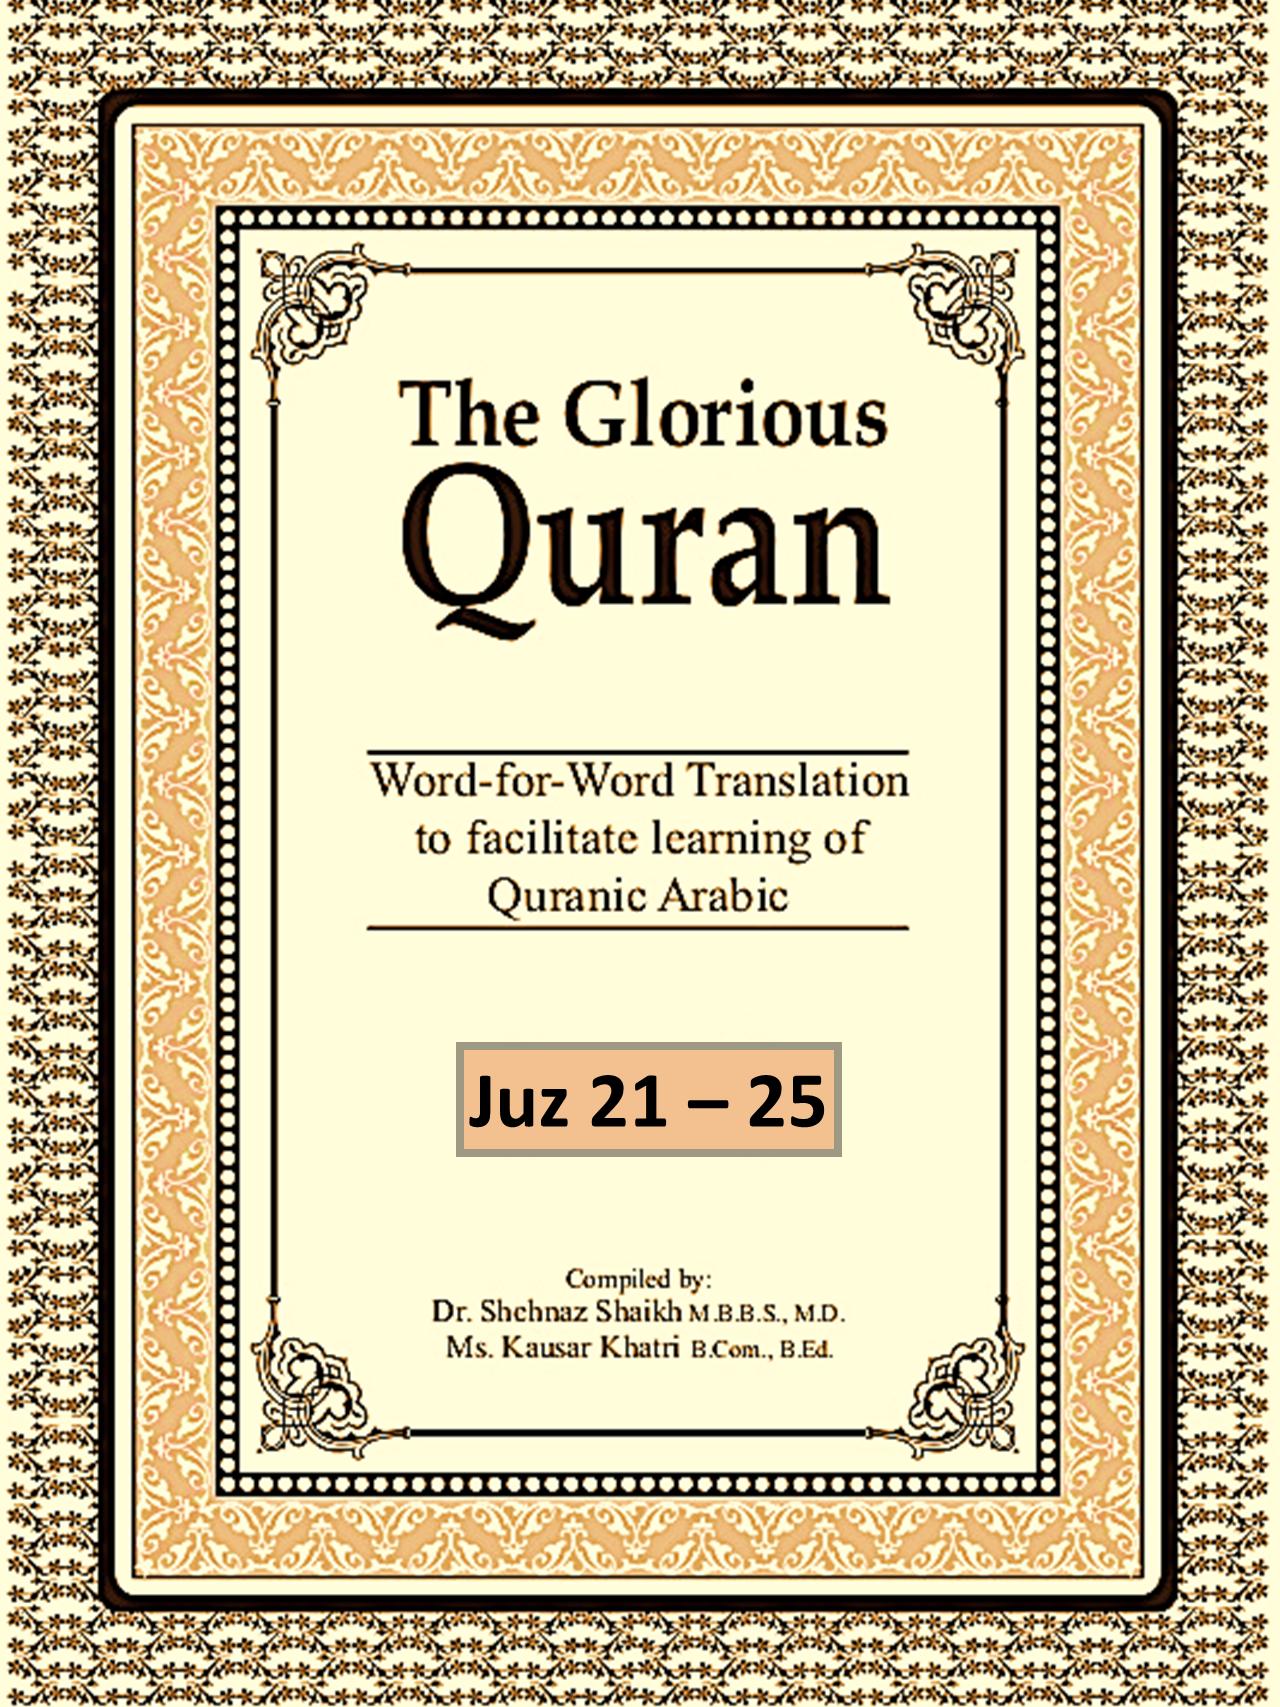 The Glorious Quran Vol 1 (Juz 21-25)